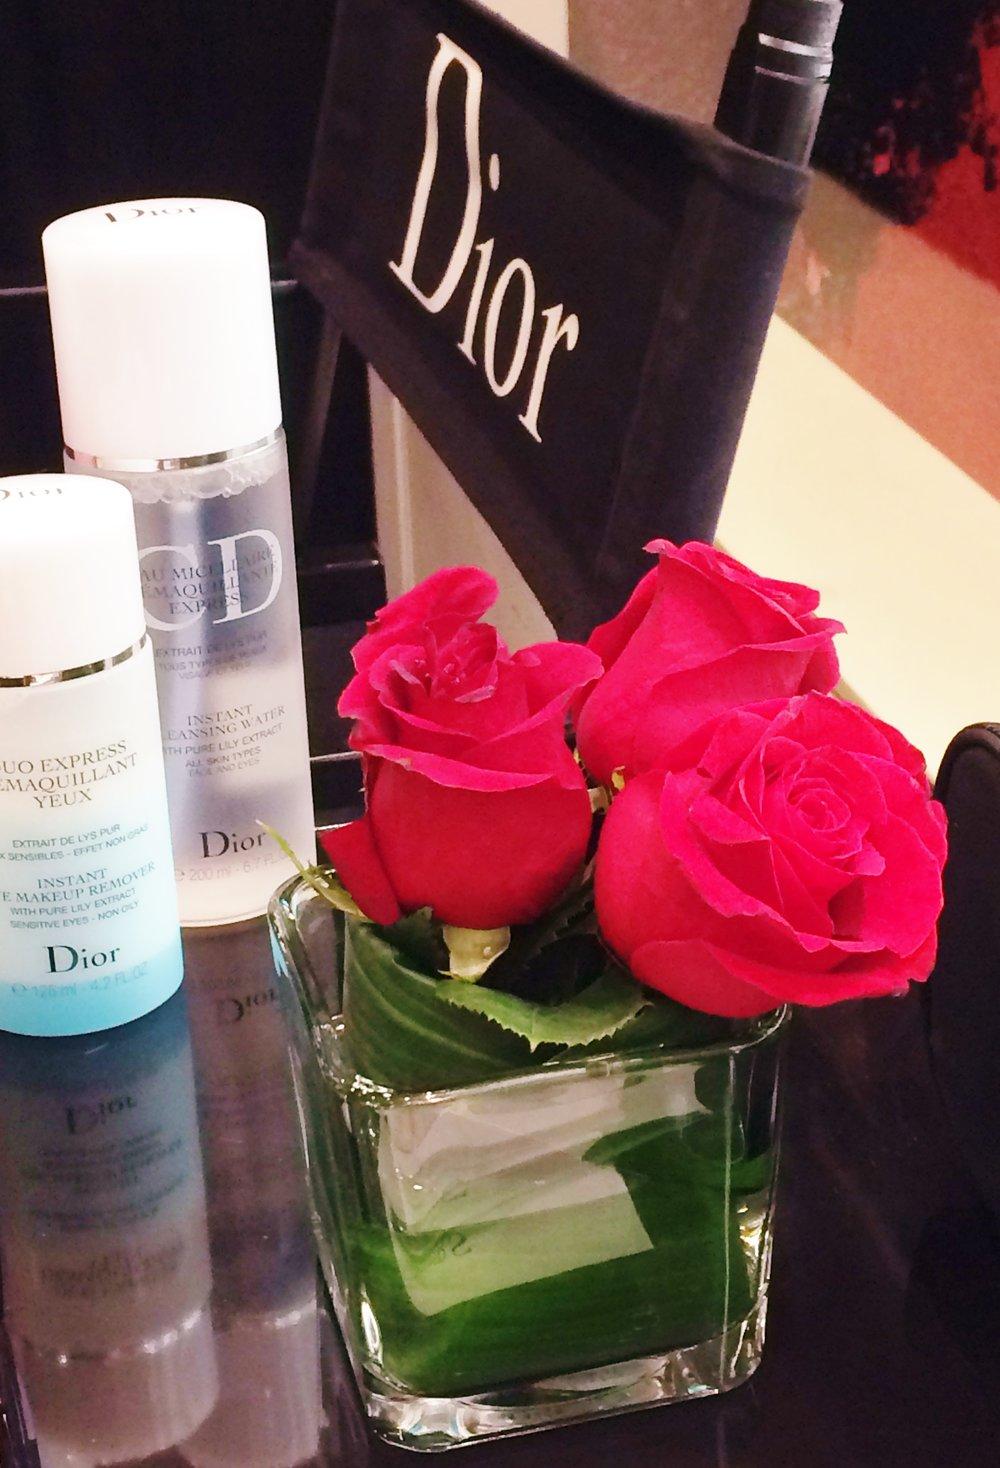 Dior at Bloomie's 030.JPG